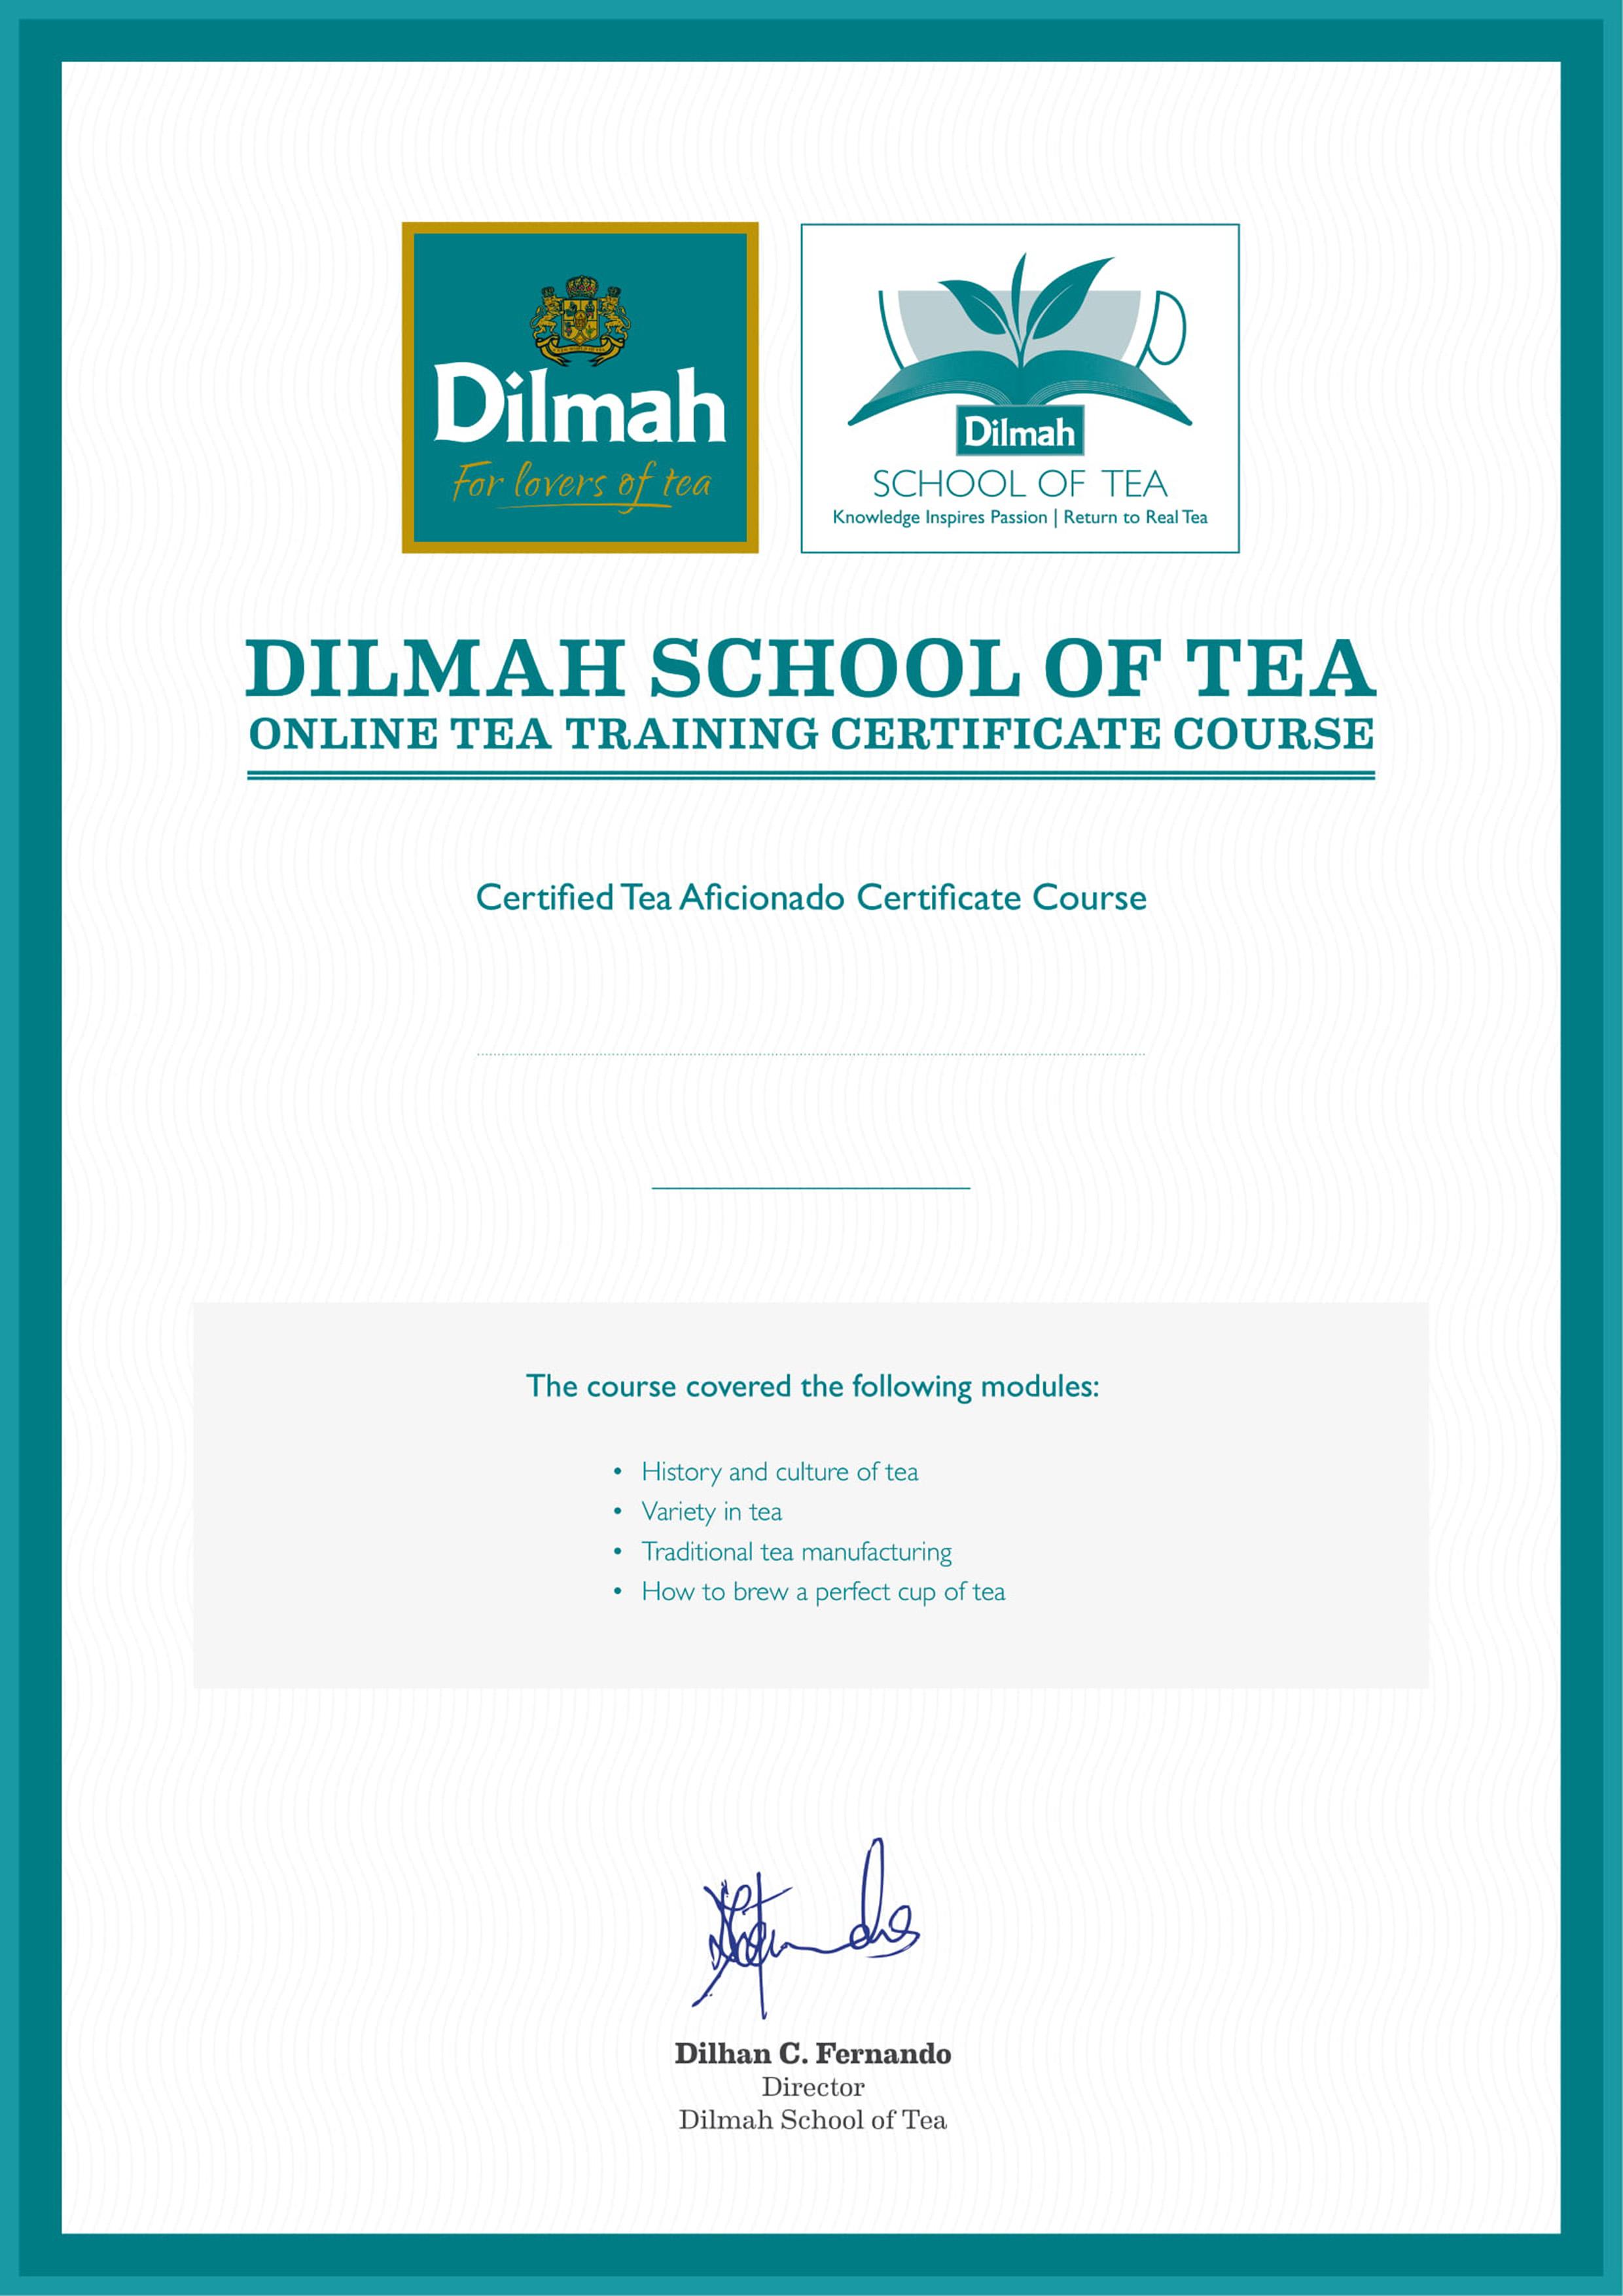 Certified Tea Aficionado Certificate Course